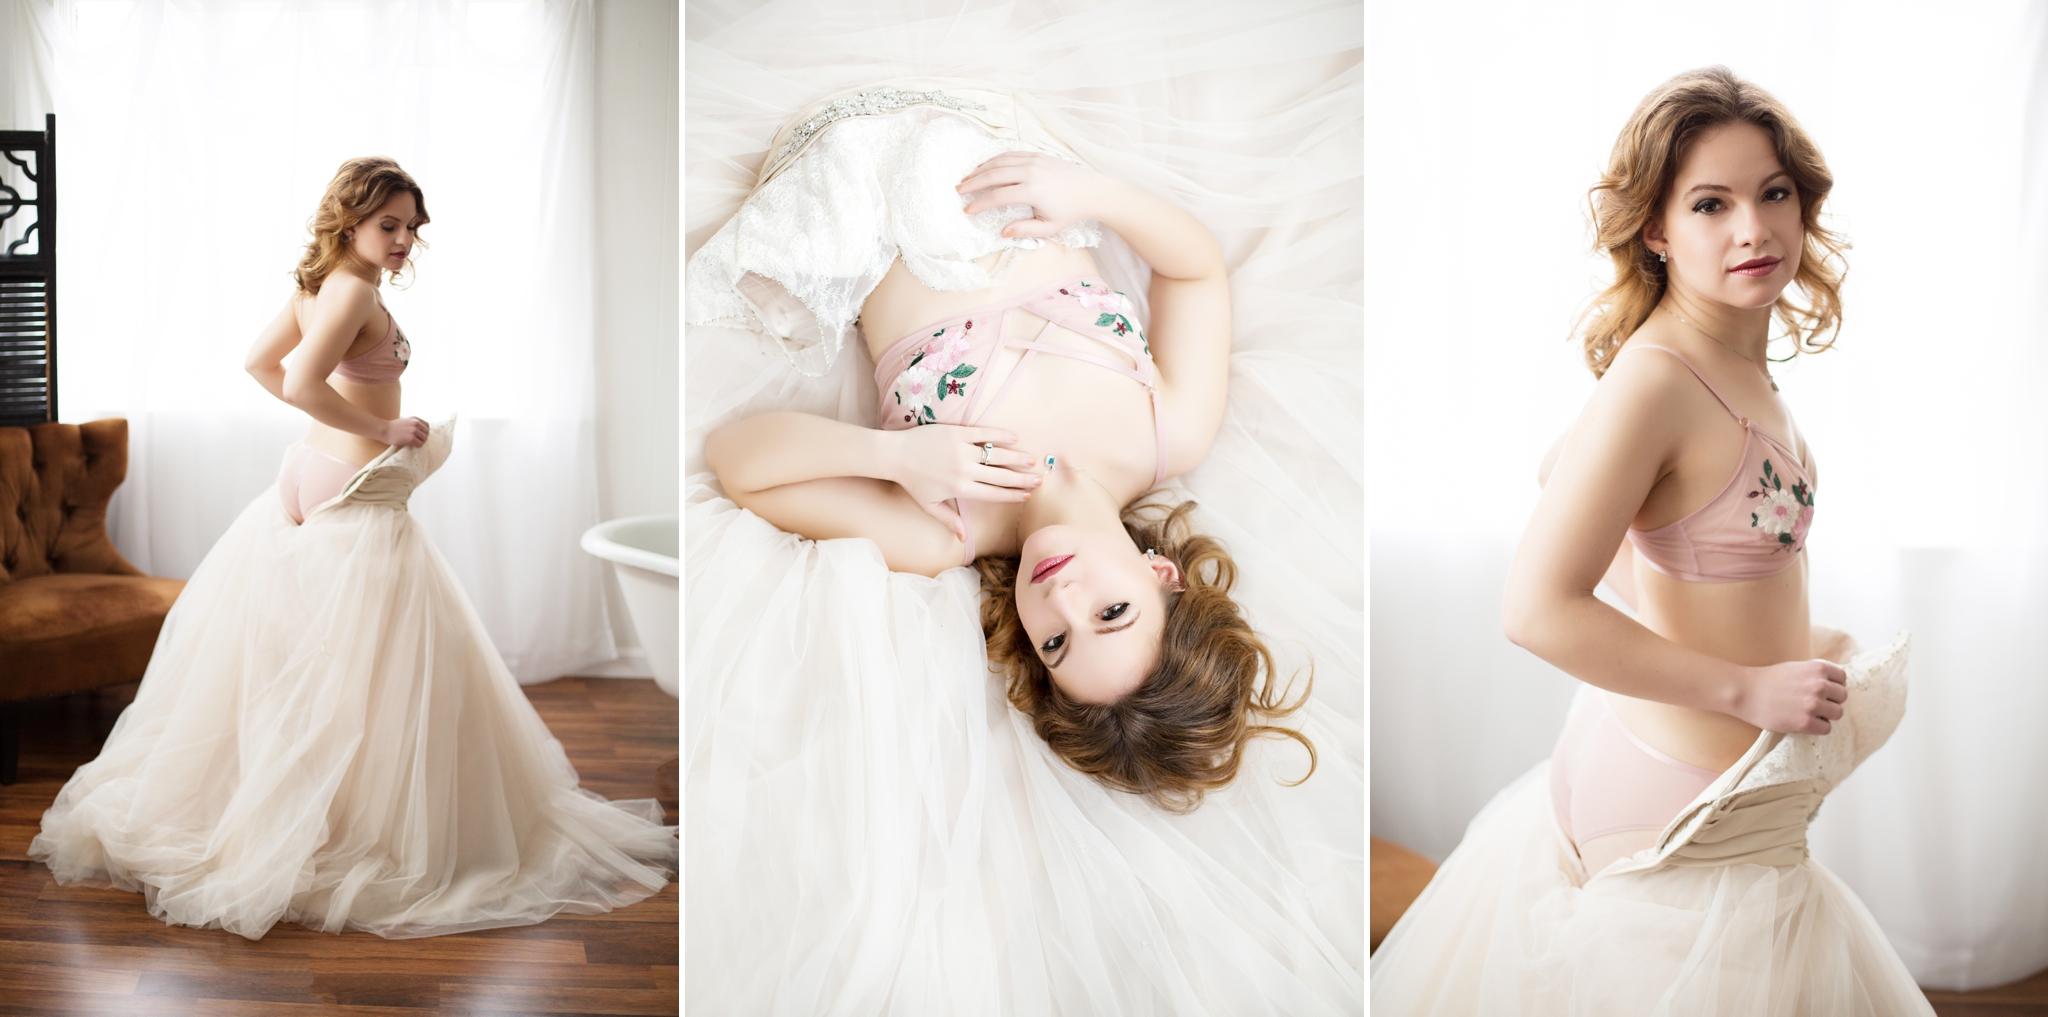 Brittany-Gancarz-8.jpg